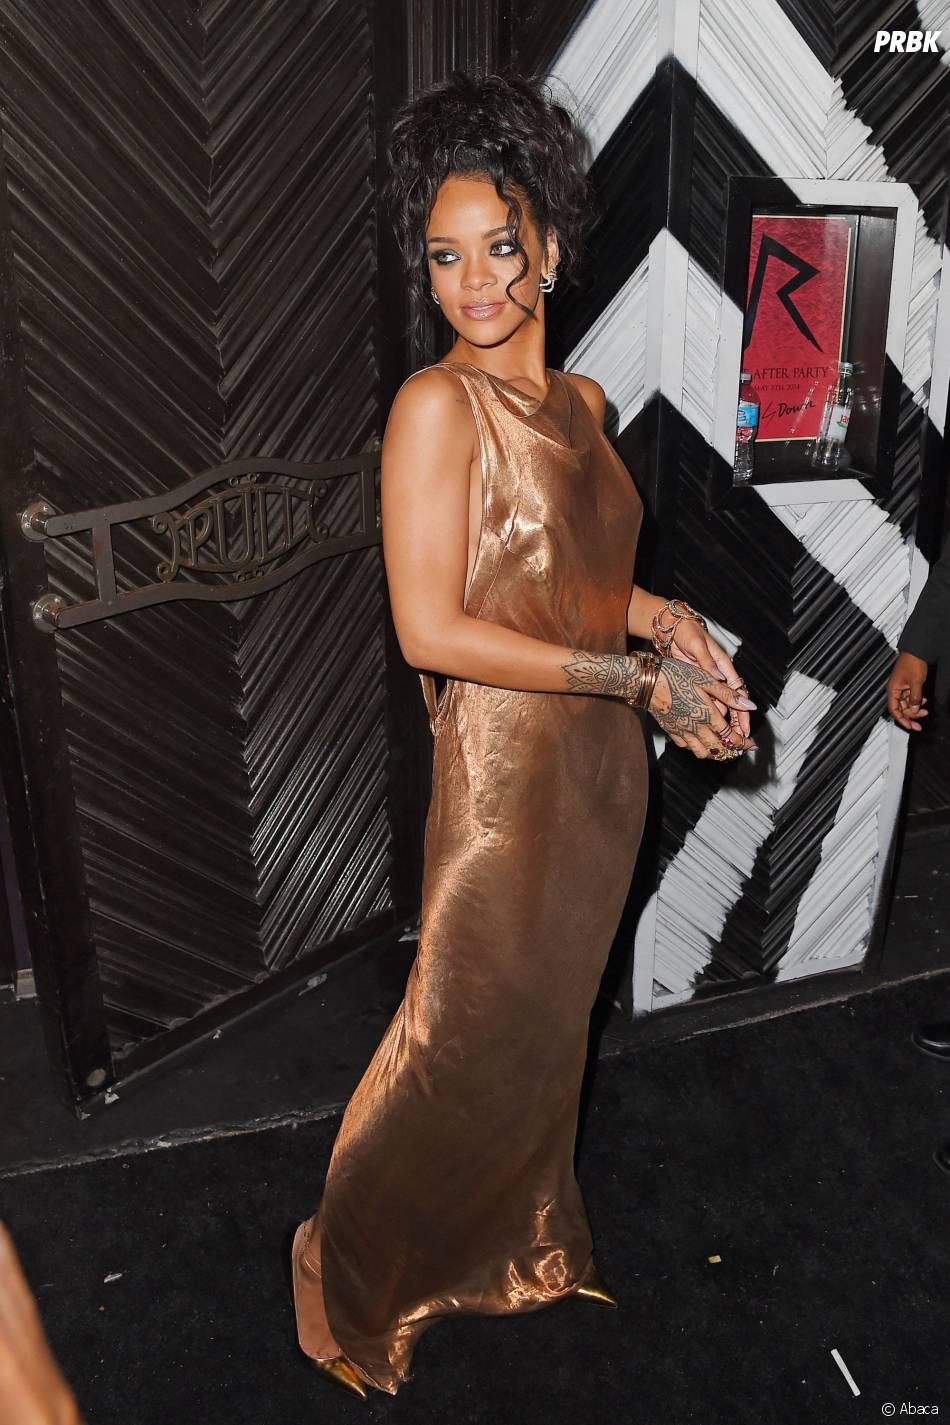 Rihanna : nouvelle exhib' à l'after party du Met Gala 2014, le 5 mai 2014